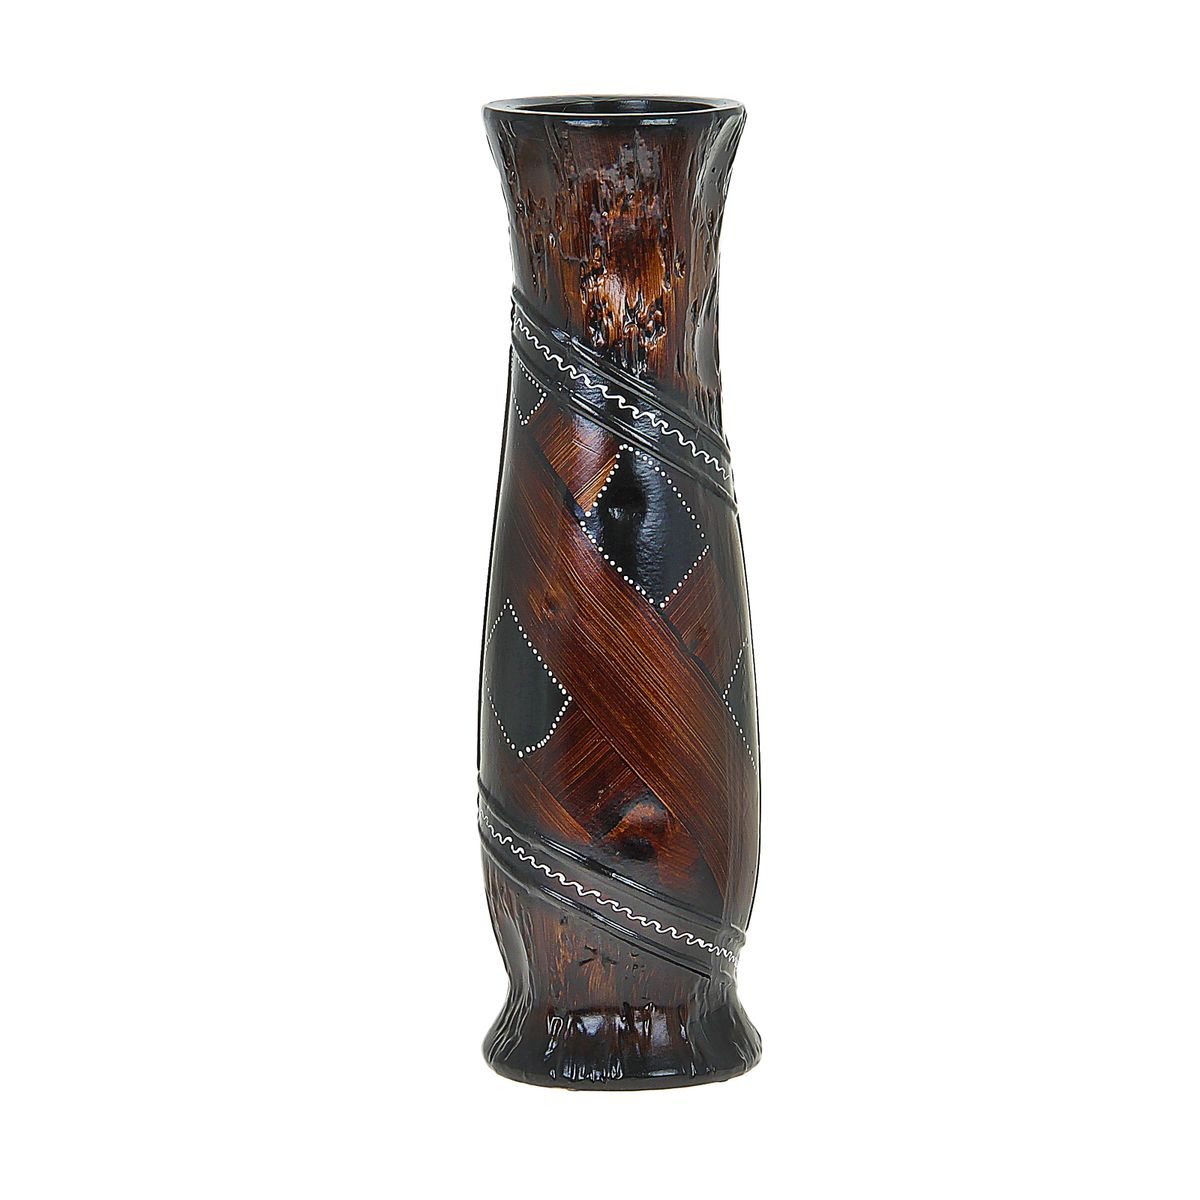 Ваза напольная Вставка, цвет: коричневый, высота 60 см. 851267FS-80299Керамика